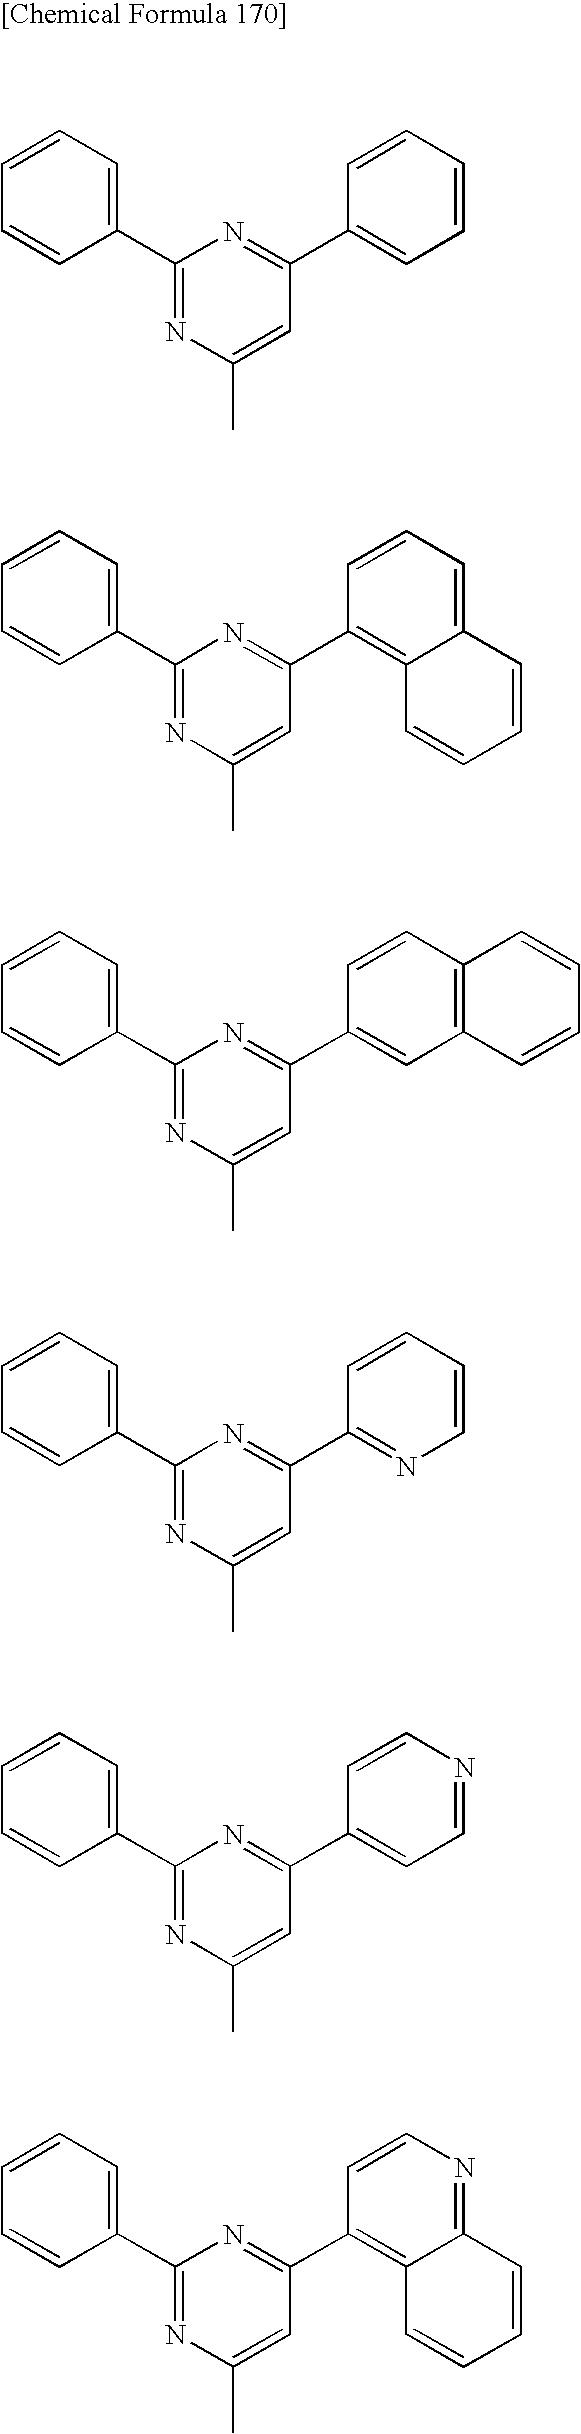 Figure US20100171109A1-20100708-C00285